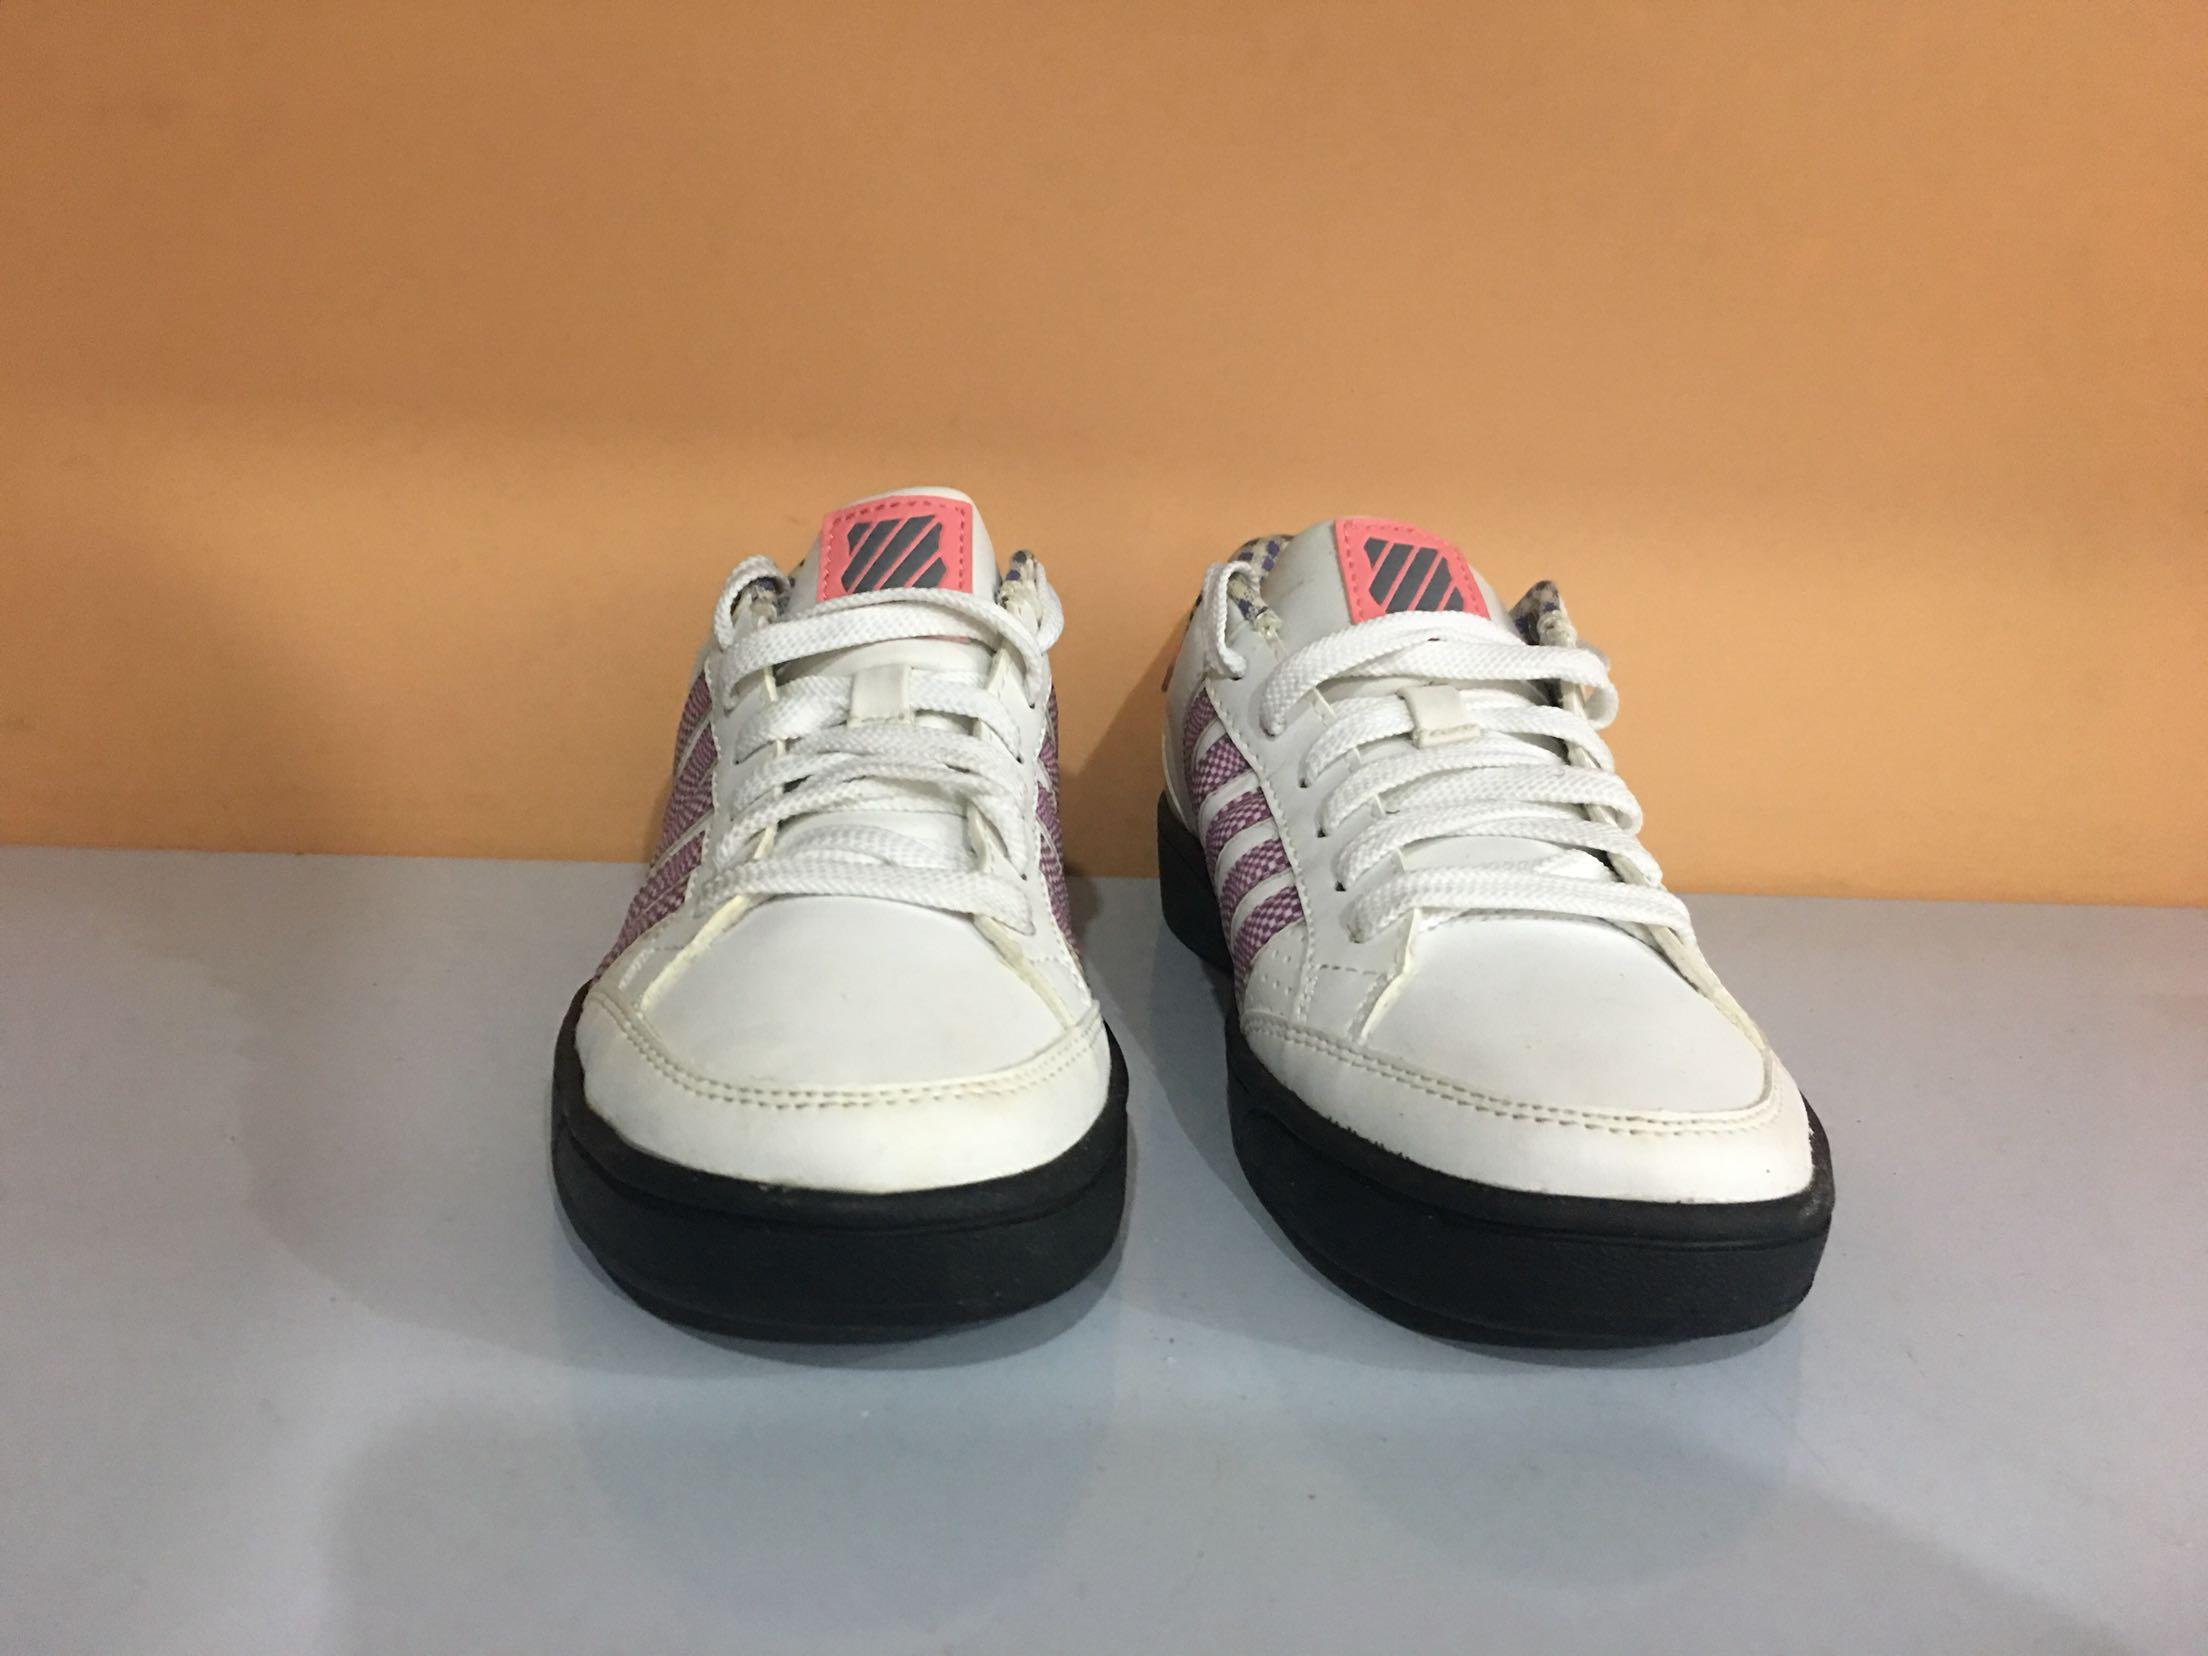 36 软底小白鞋 威时尚百搭休闲鞋牛皮板鞋 s 正品海外版出口美国盖